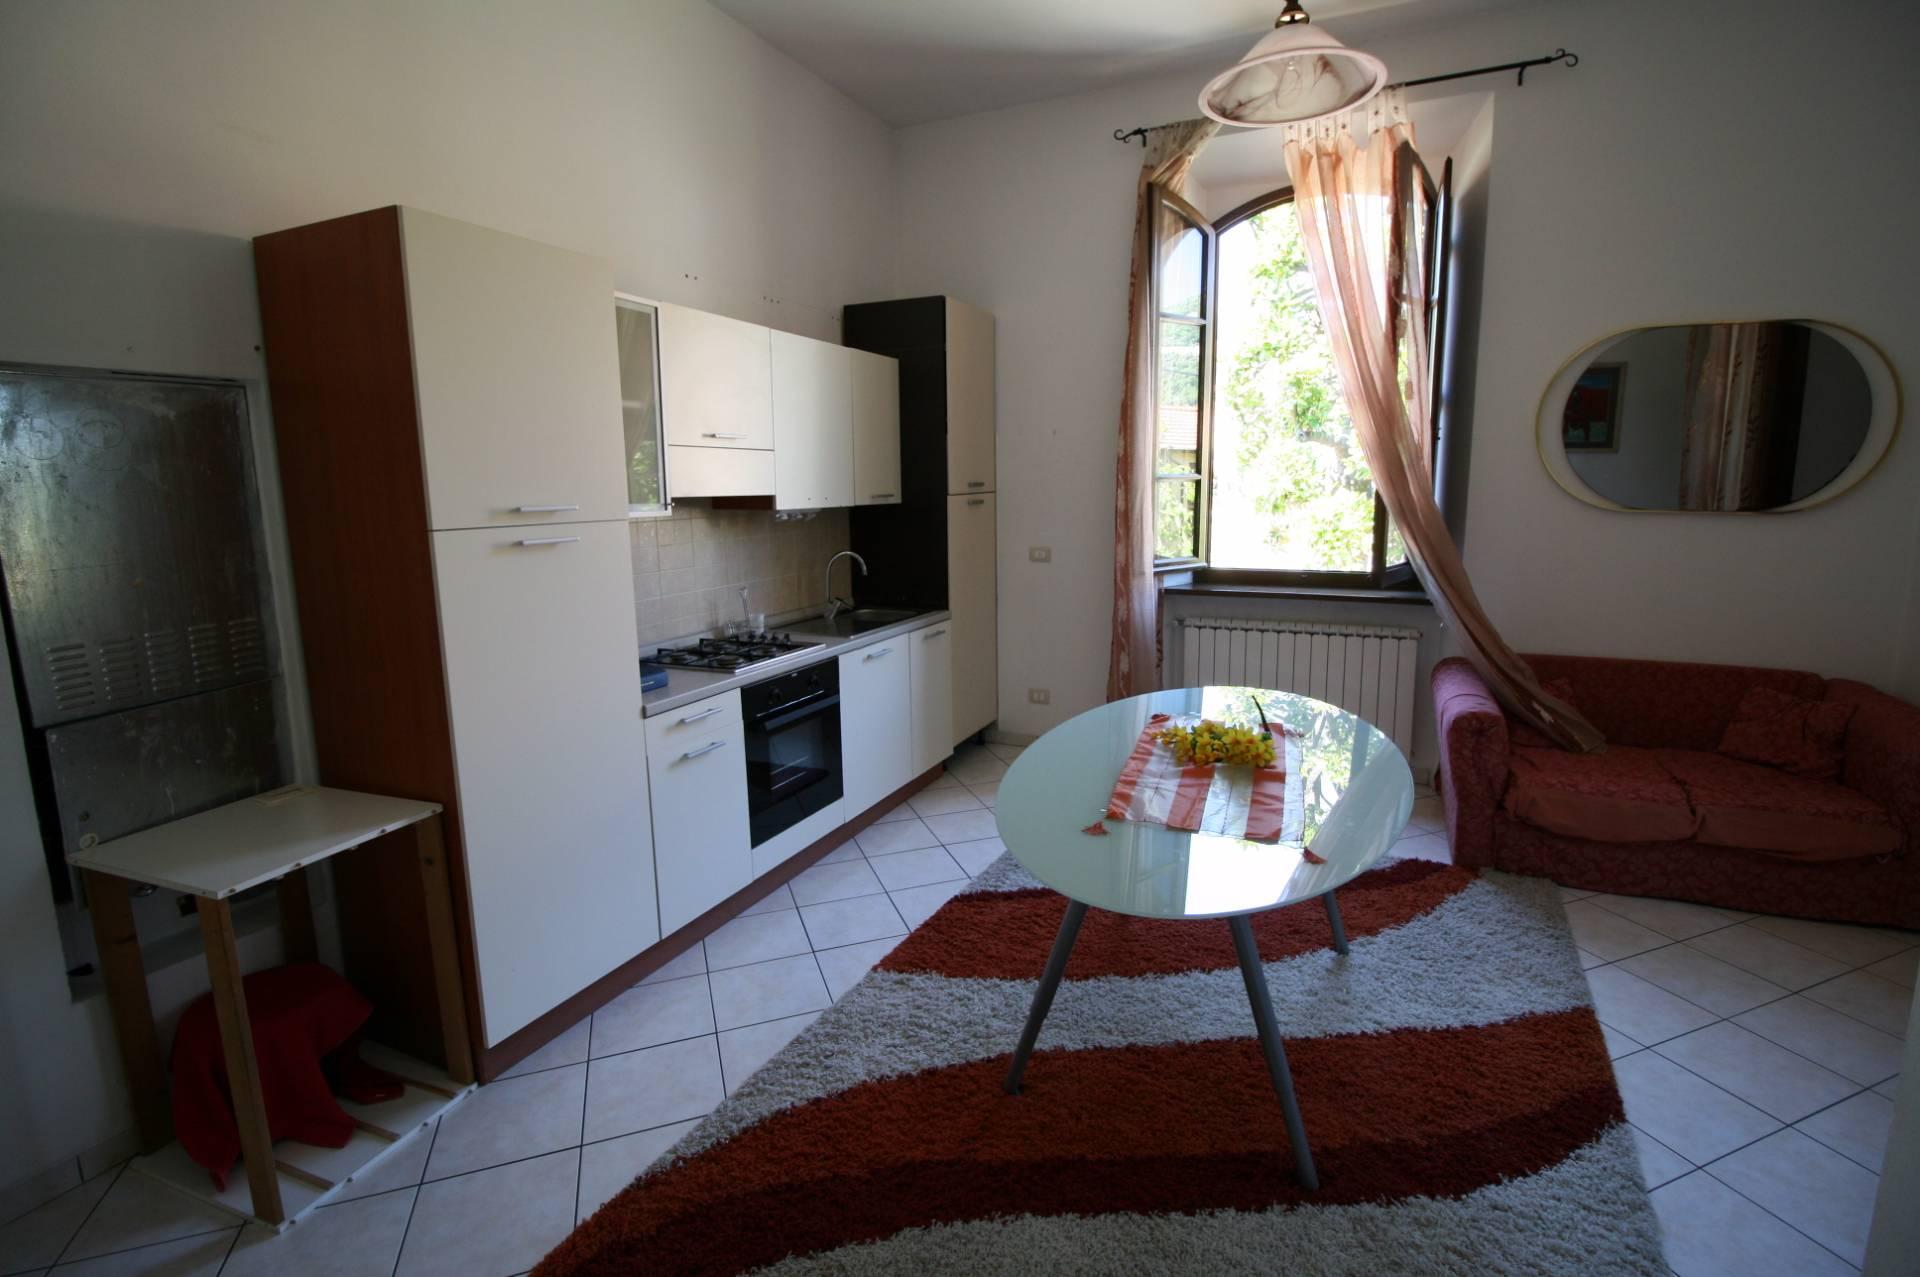 Appartamento in vendita a Massarosa, 3 locali, zona Zona: Quiesa, prezzo € 139.000 | Cambio Casa.it